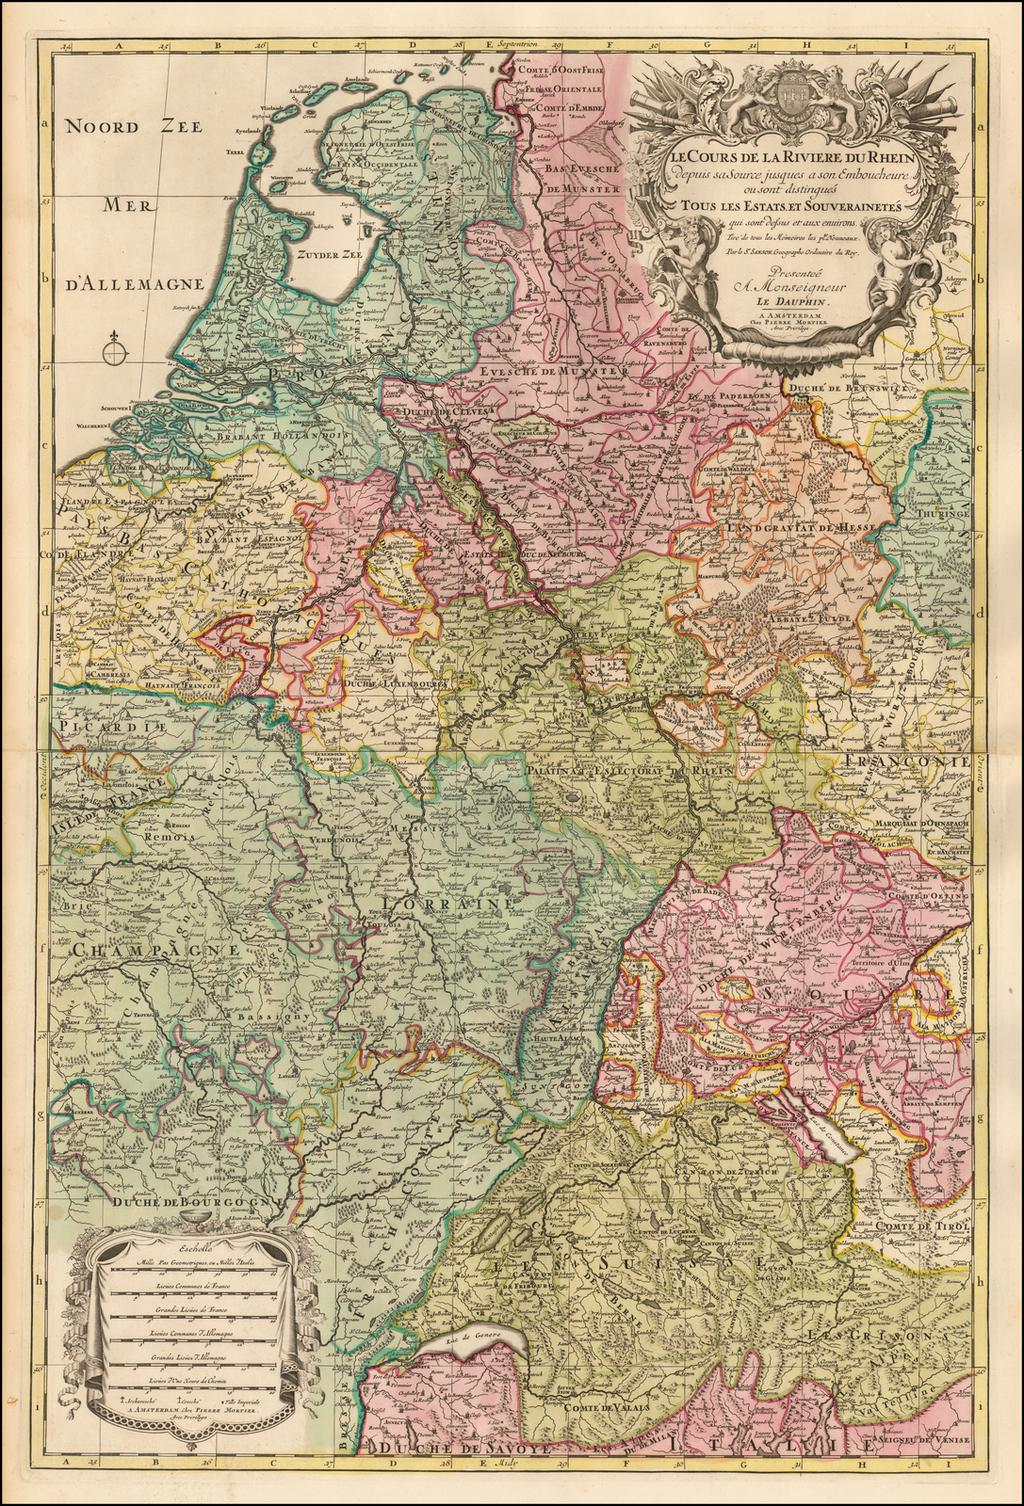 Le Cours de la Riviere du Rhein depuis sa Source jusques a son Emboucheure ou sont distingues Toutes les Estates et Souverainetes . . .  By Pieter Mortier